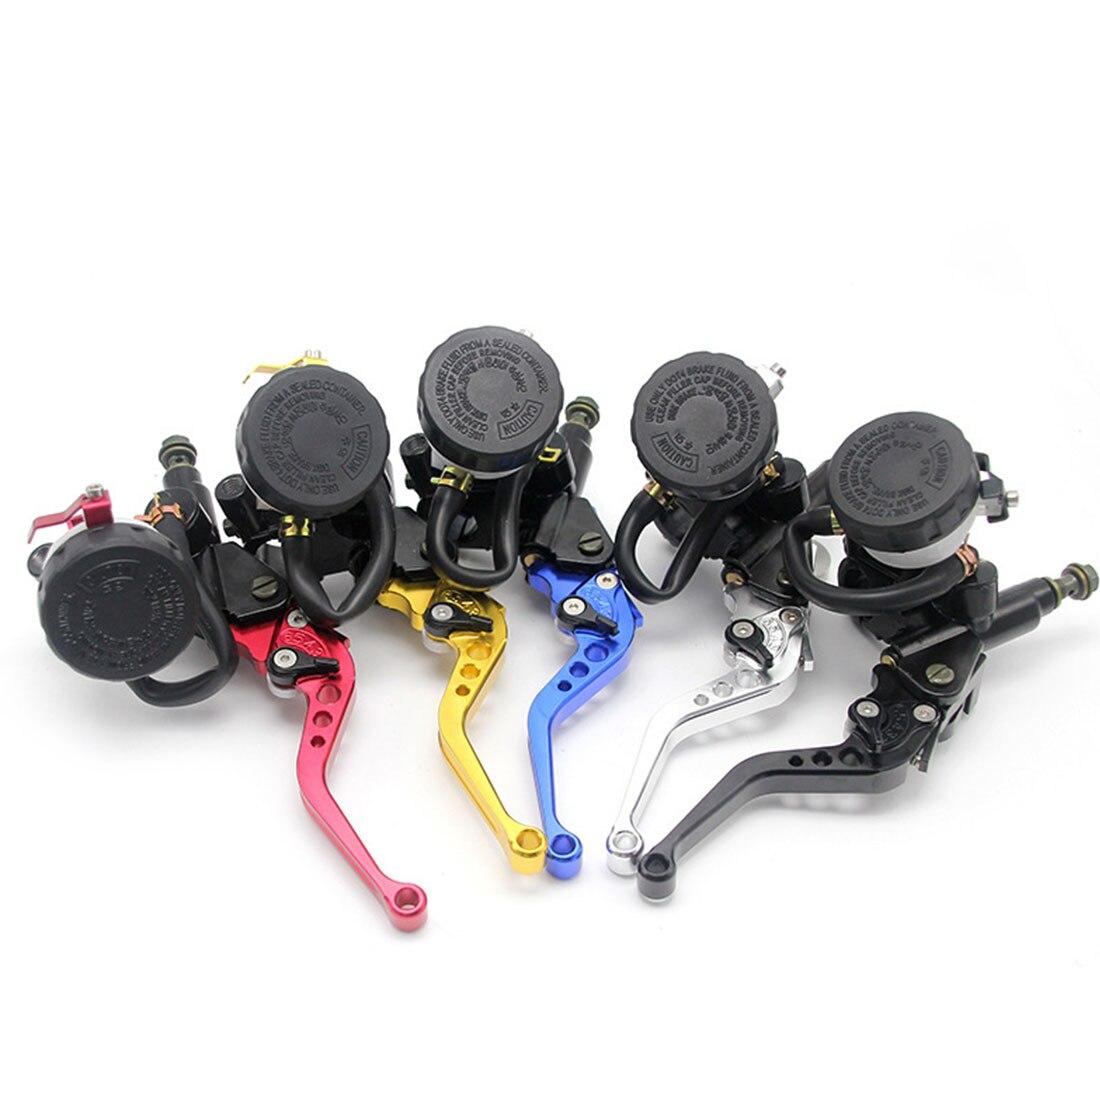 Универсальный изменение тормоз насос 22 мм гидравлический насос Регулируемая сцепления в сборе Мотоцикл тормозные сцепления Горячая Аксес